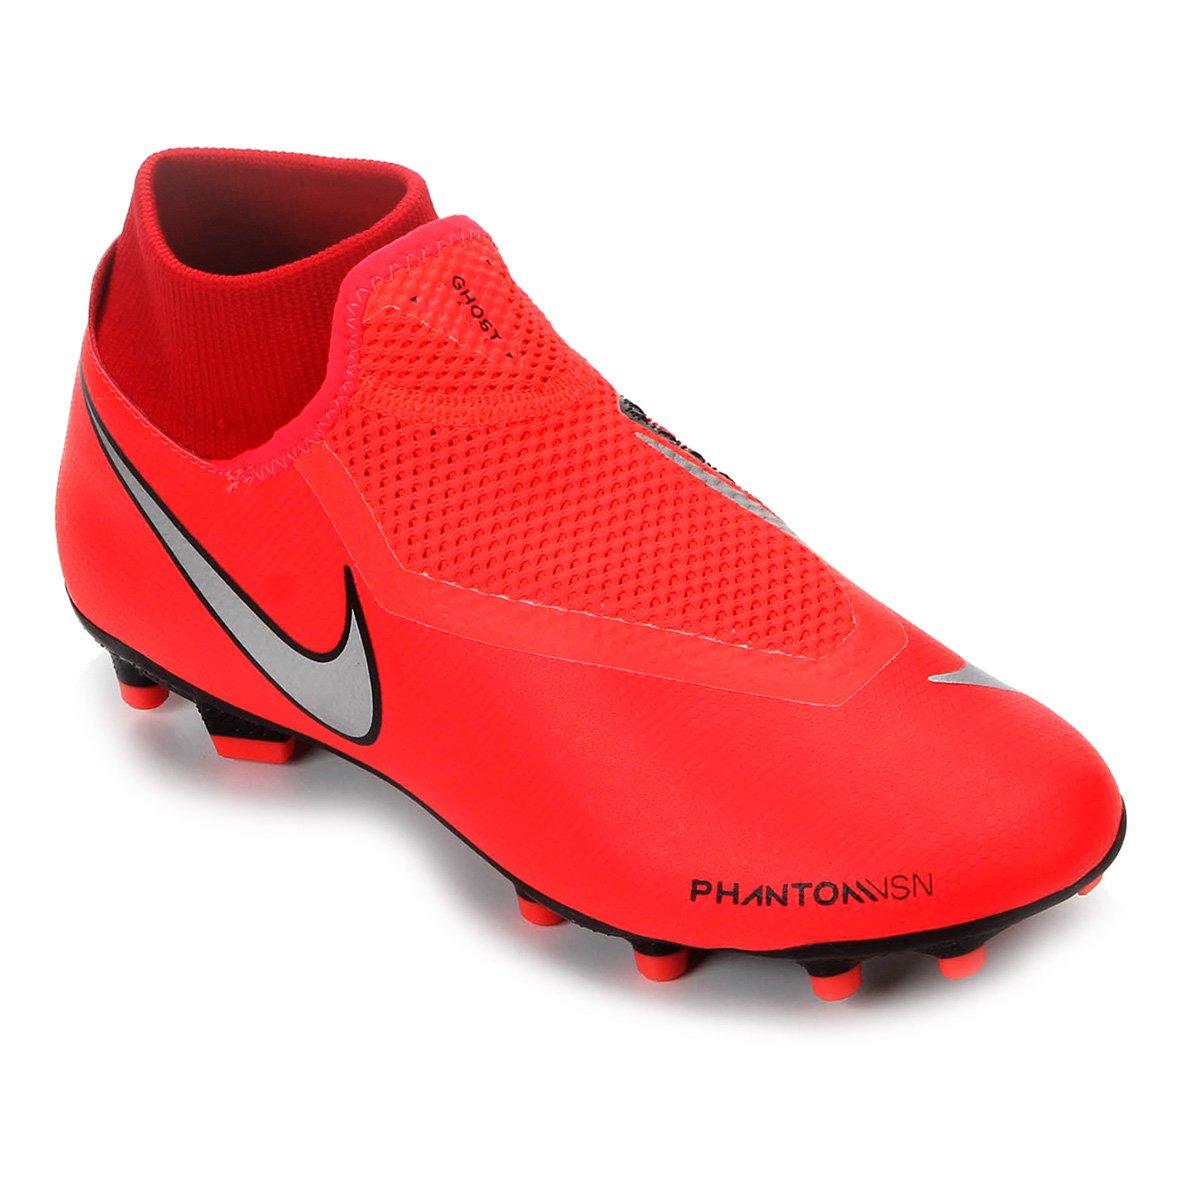 65f4ed24a8be7 Chuteira Campo Nike Phantom Vision Academy DF FG